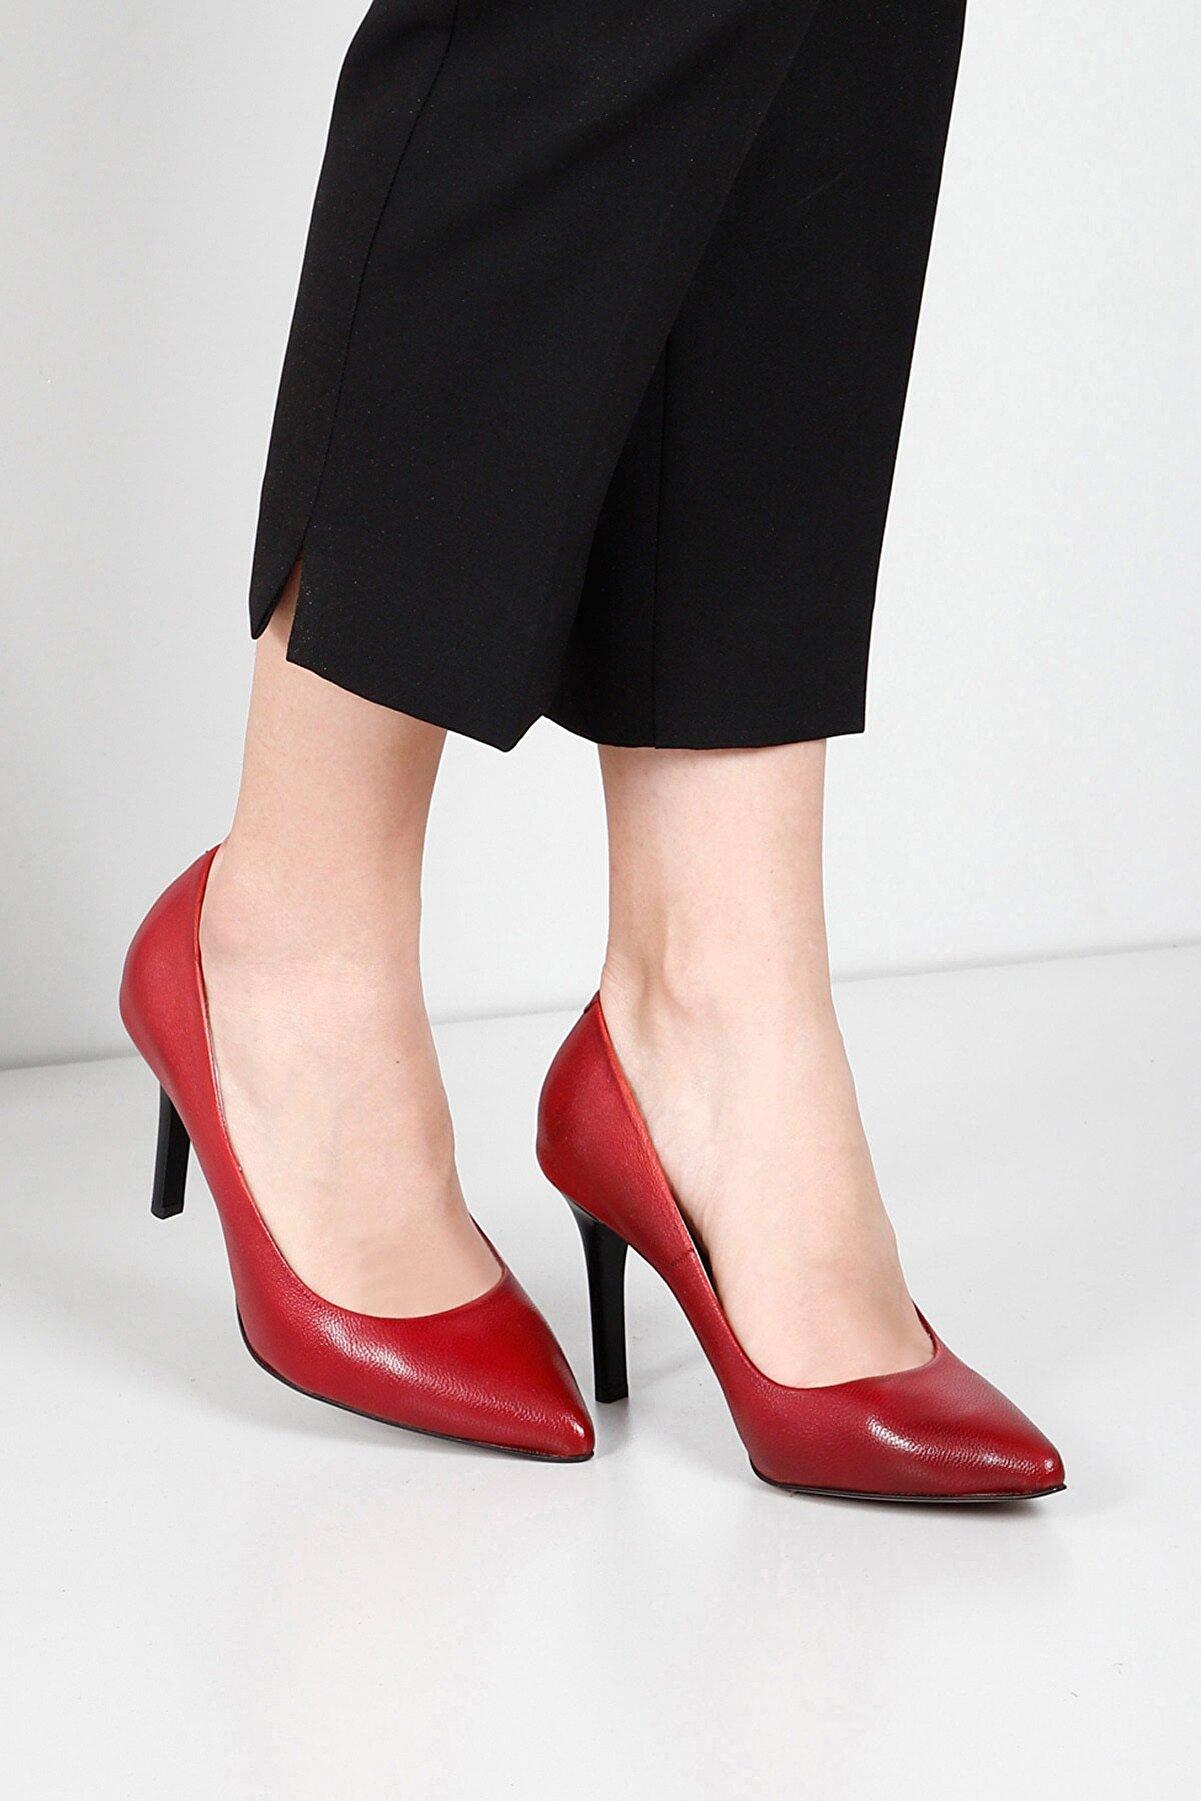 GÖNDERİ(R) Hakiki Deri Kırmızı Antik Sivri Burun Yüksek Ince Topuklu Stiletto Kadın Ayakkabı 24127